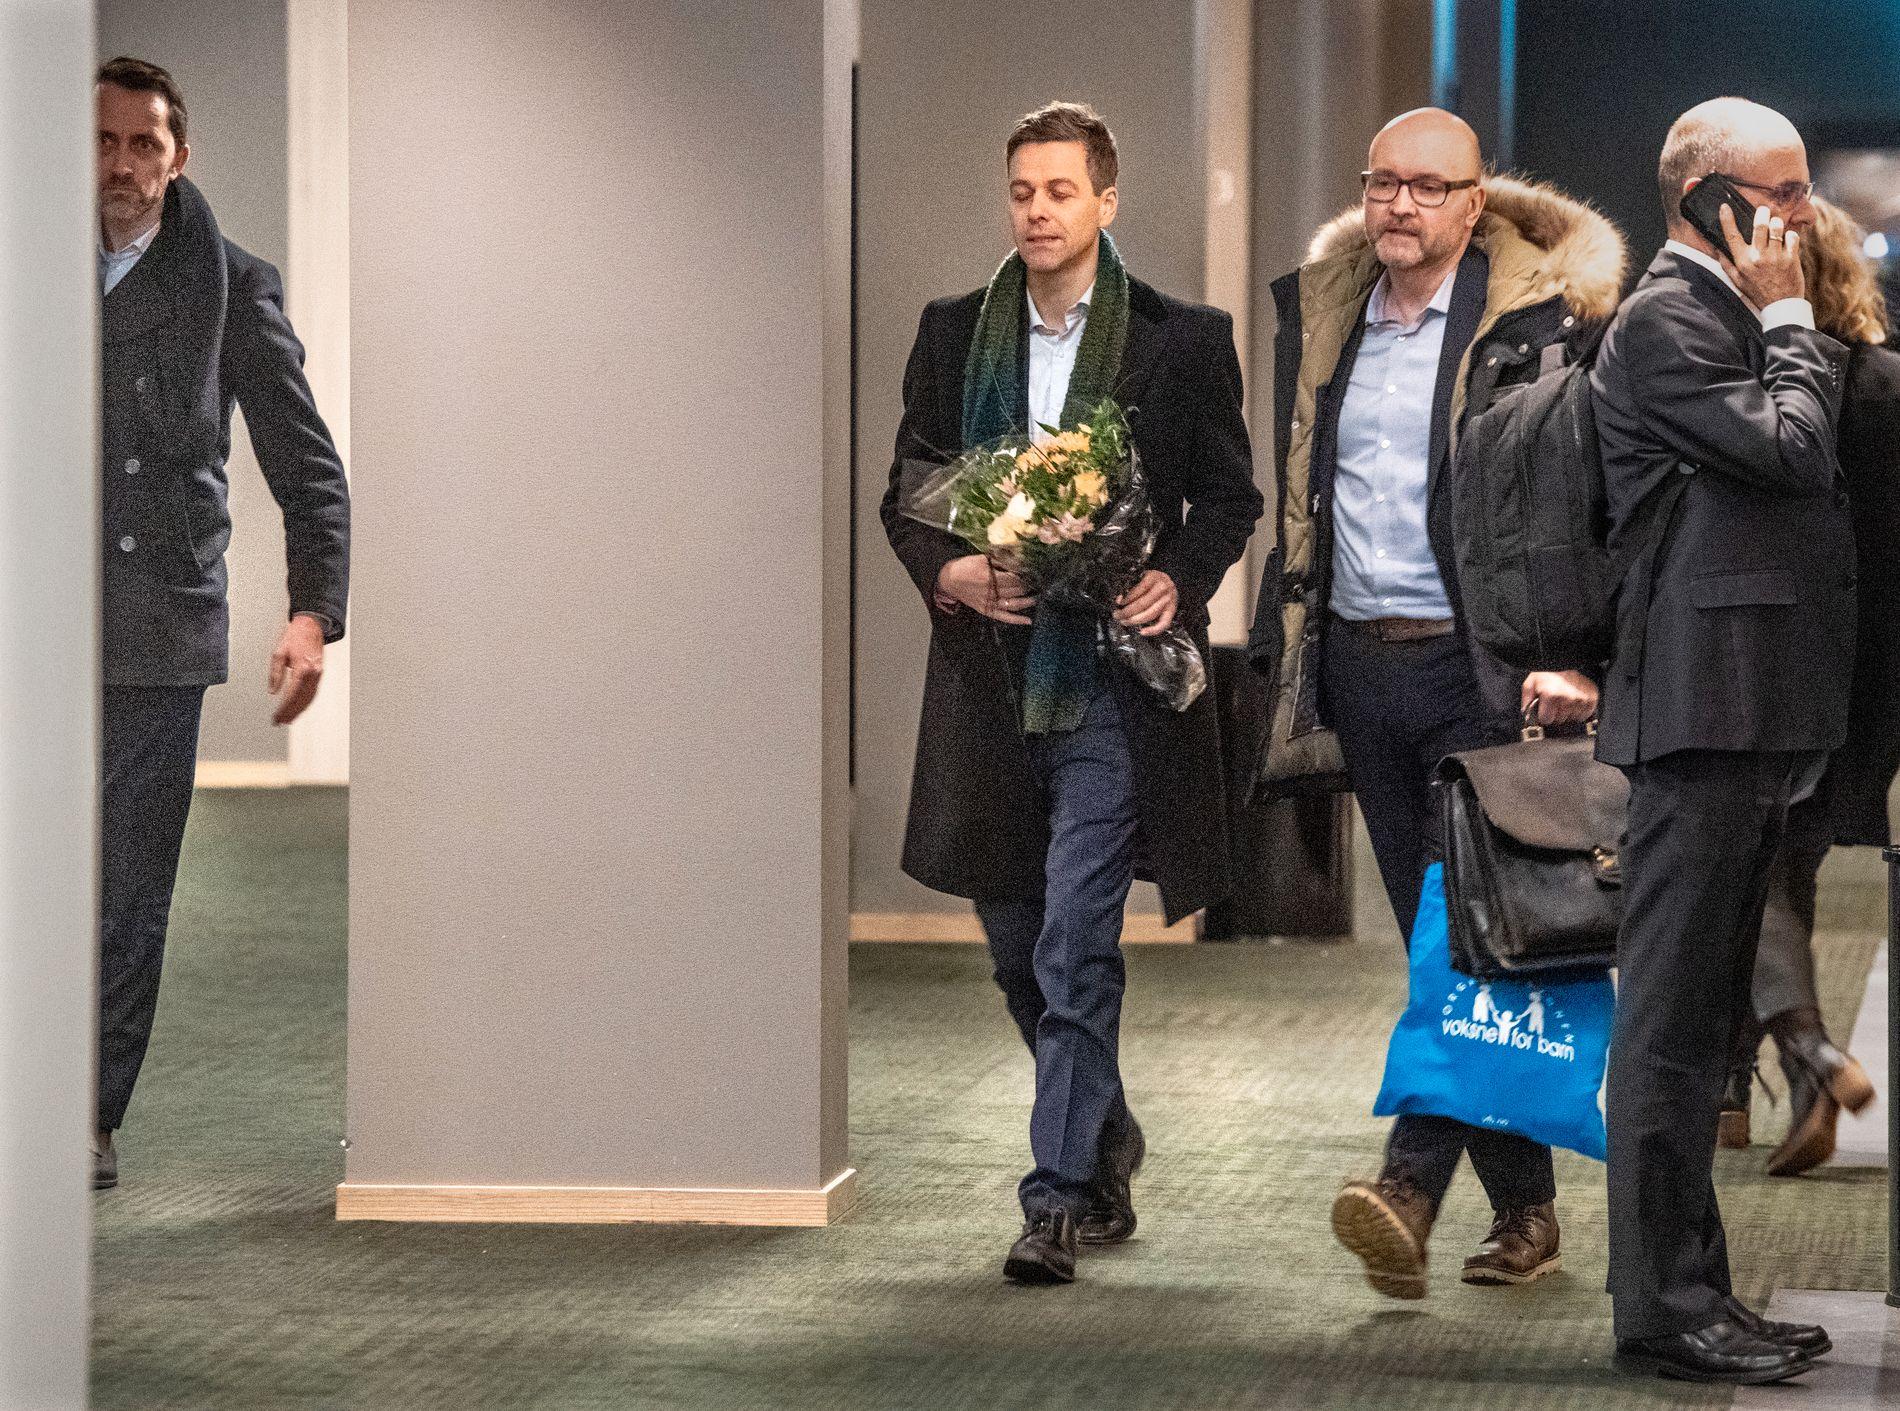 SLUTT: Knut Arild Hareide og Dag Fedøy, informasjonsrådgiver i Krf sin Stortingsgruppe etter at det var klart at Hareide går av som partileder.